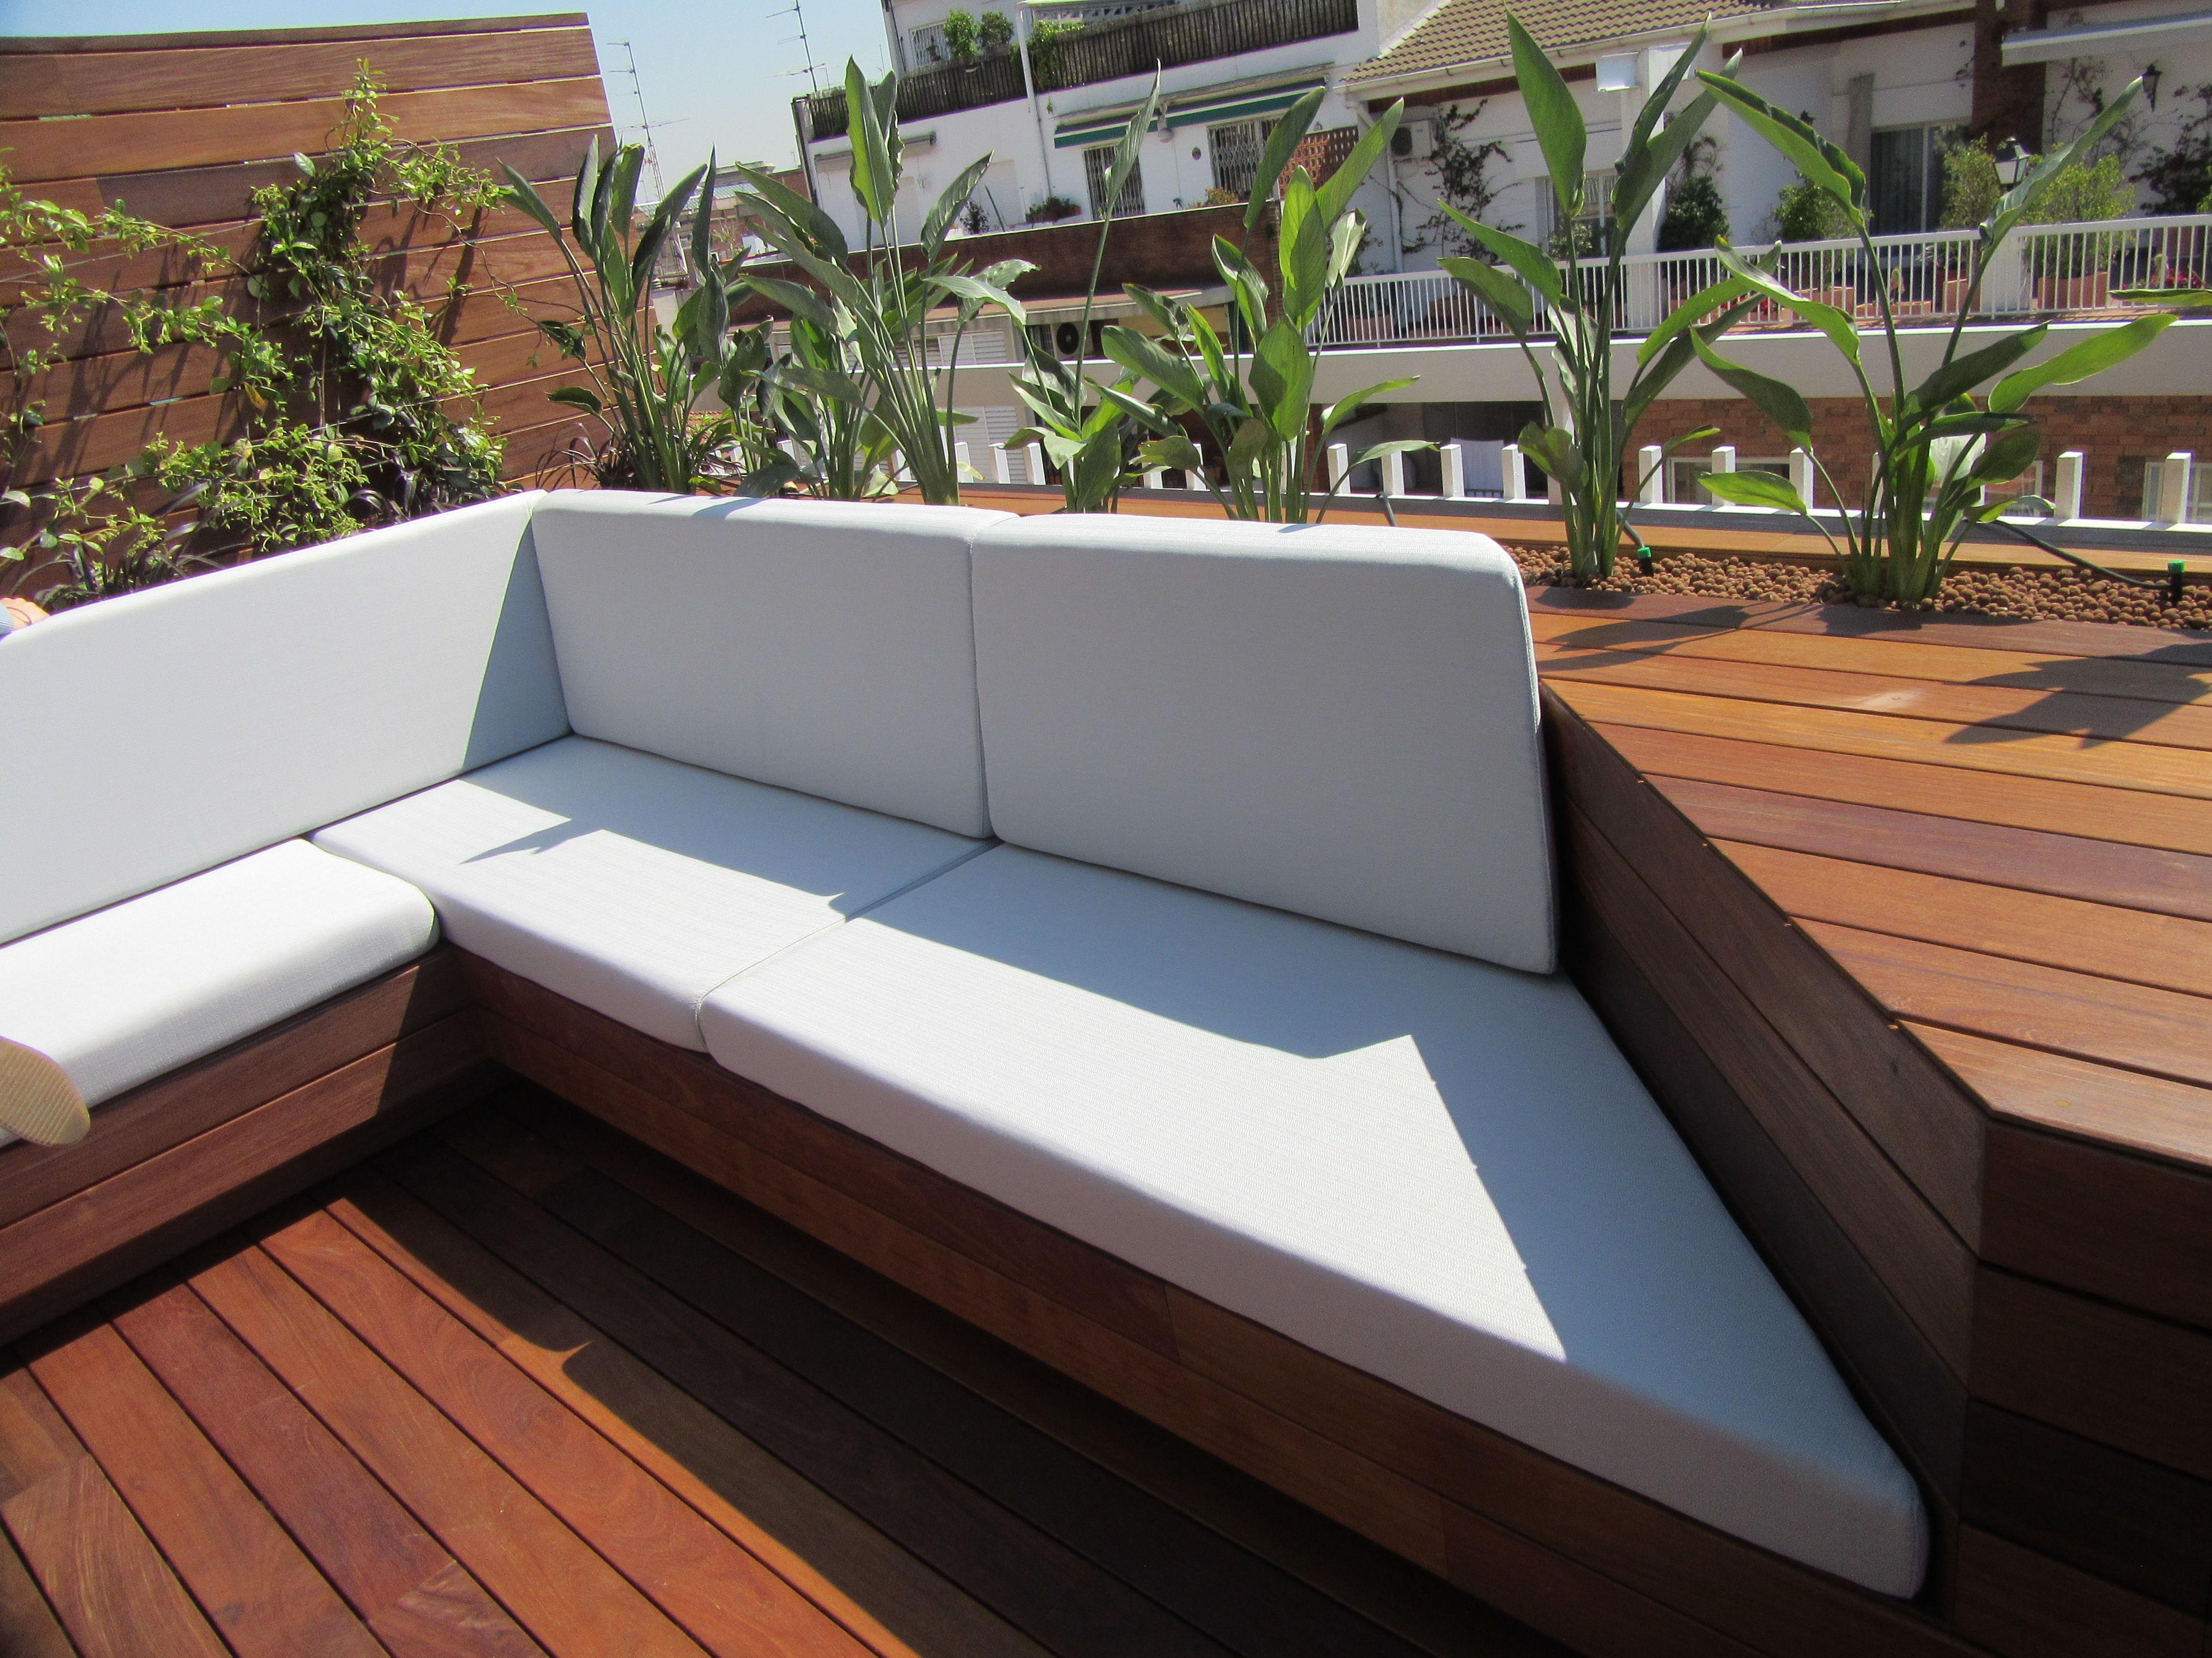 Confecci n de sof s y cojines de exterior servicios de for Cojines para sofas exterior